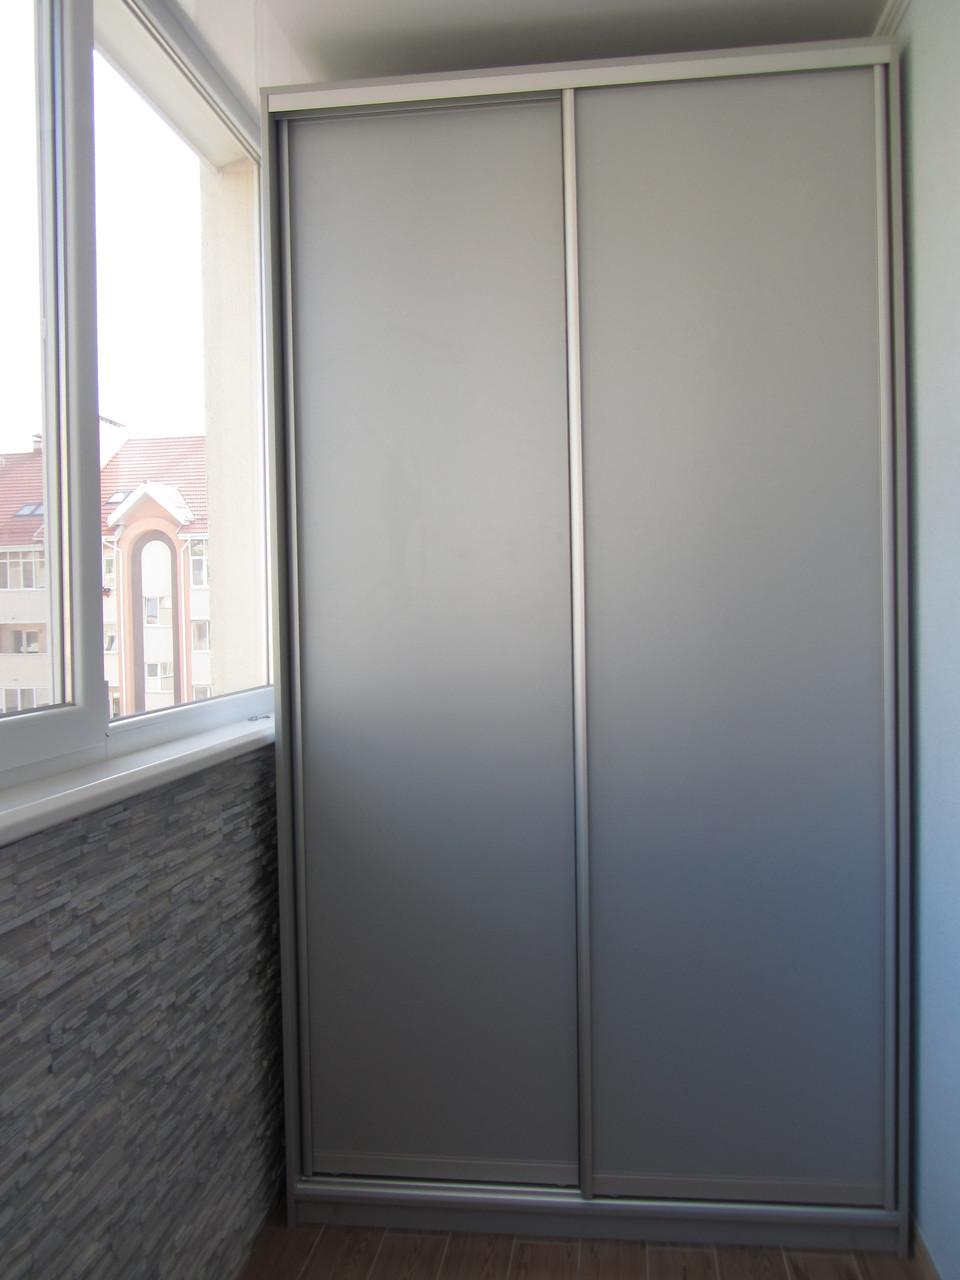 Мебель для балкона. заказать и купить мебель для балкона в м.